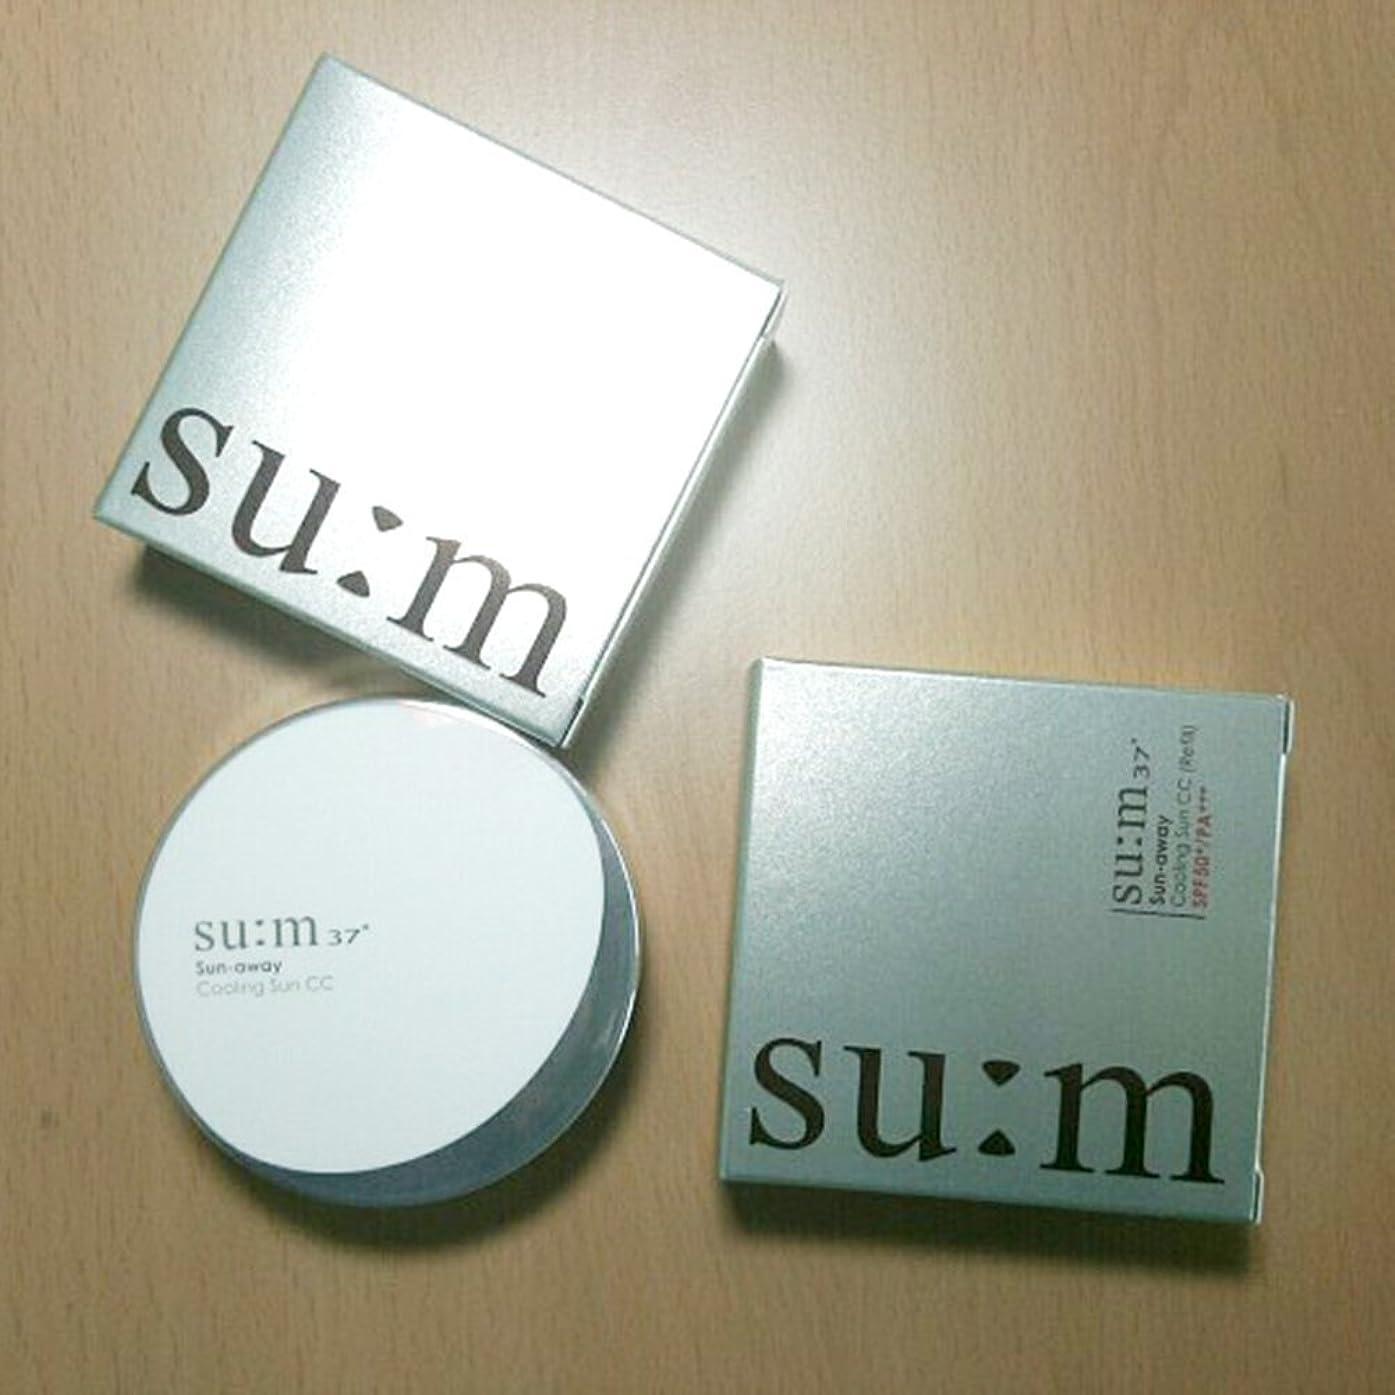 居心地の良い悲しいことに黙[su:m37/スム37°] SUM37 Sun-away Cooling Sun CC cushion 本品1個+リフィル2個/スム37 サンアウェイ クーリングサンCC 企画 +[Sample Gift](海外直送品)